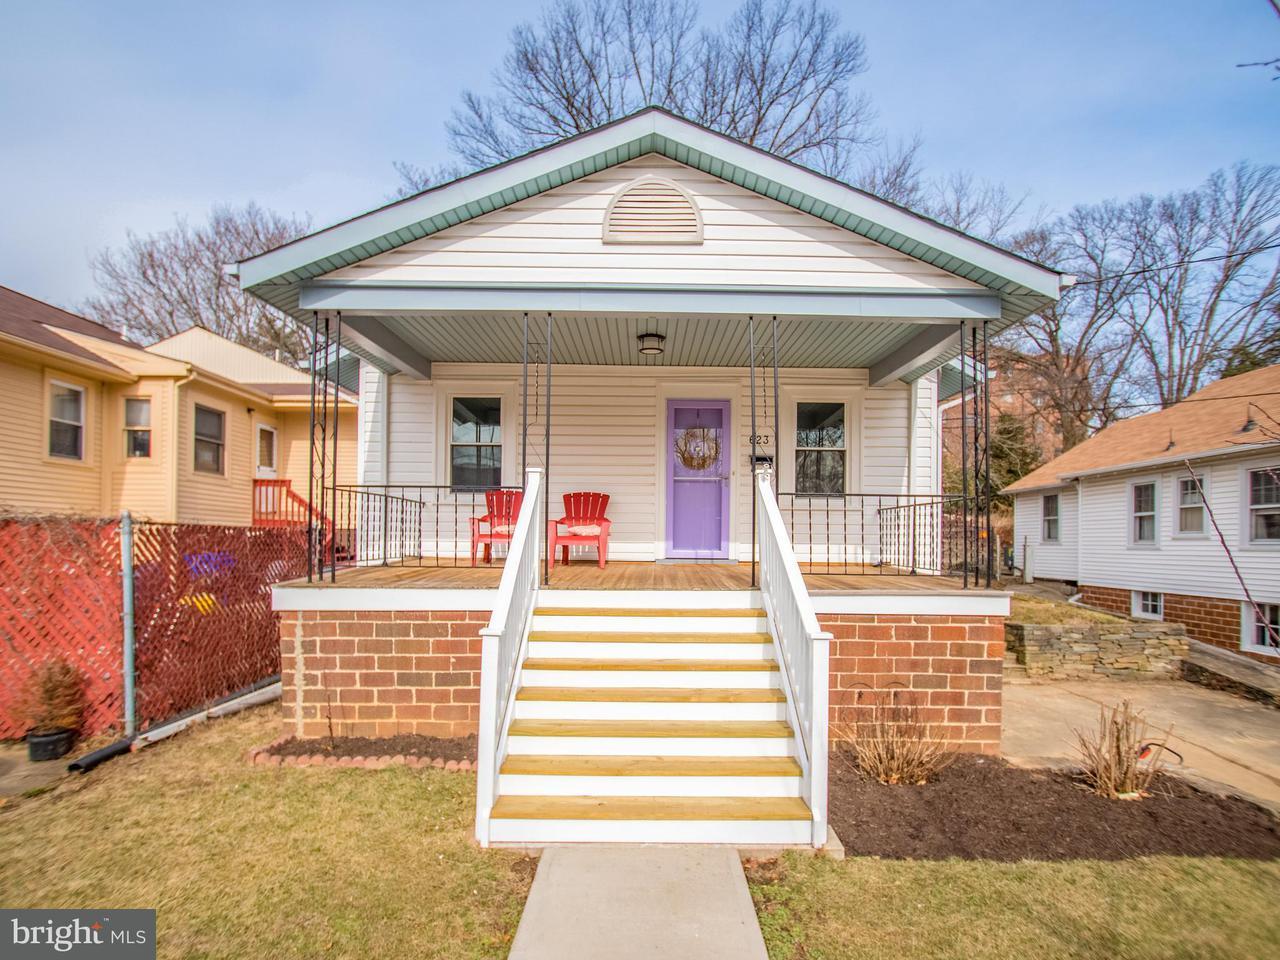 一戸建て のために 売買 アット 623 Mississippi Avenue 623 Mississippi Avenue Silver Spring, メリーランド 20910 アメリカ合衆国